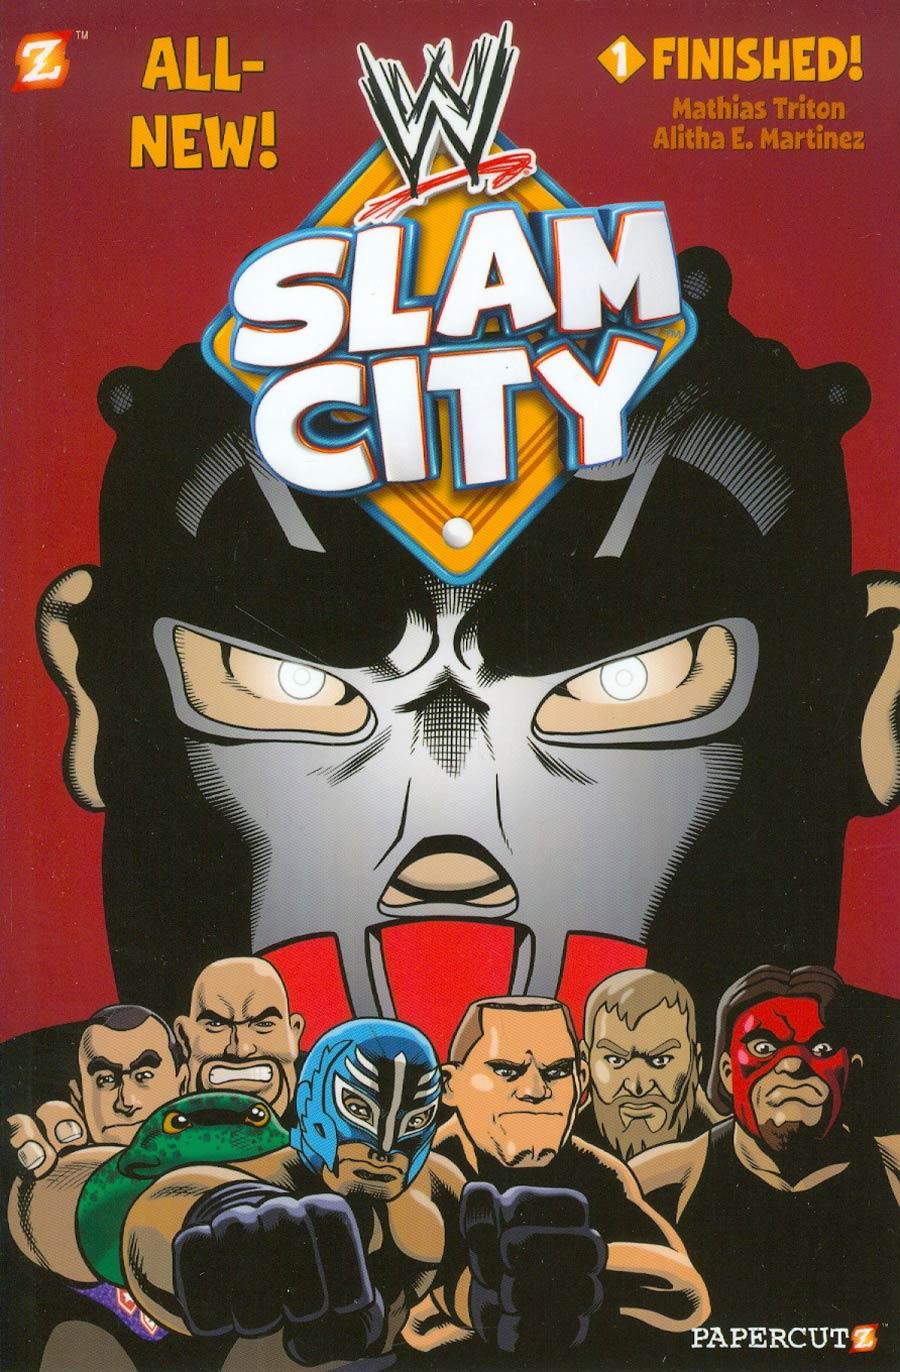 WWE Slam City Vol 1 Finished TP